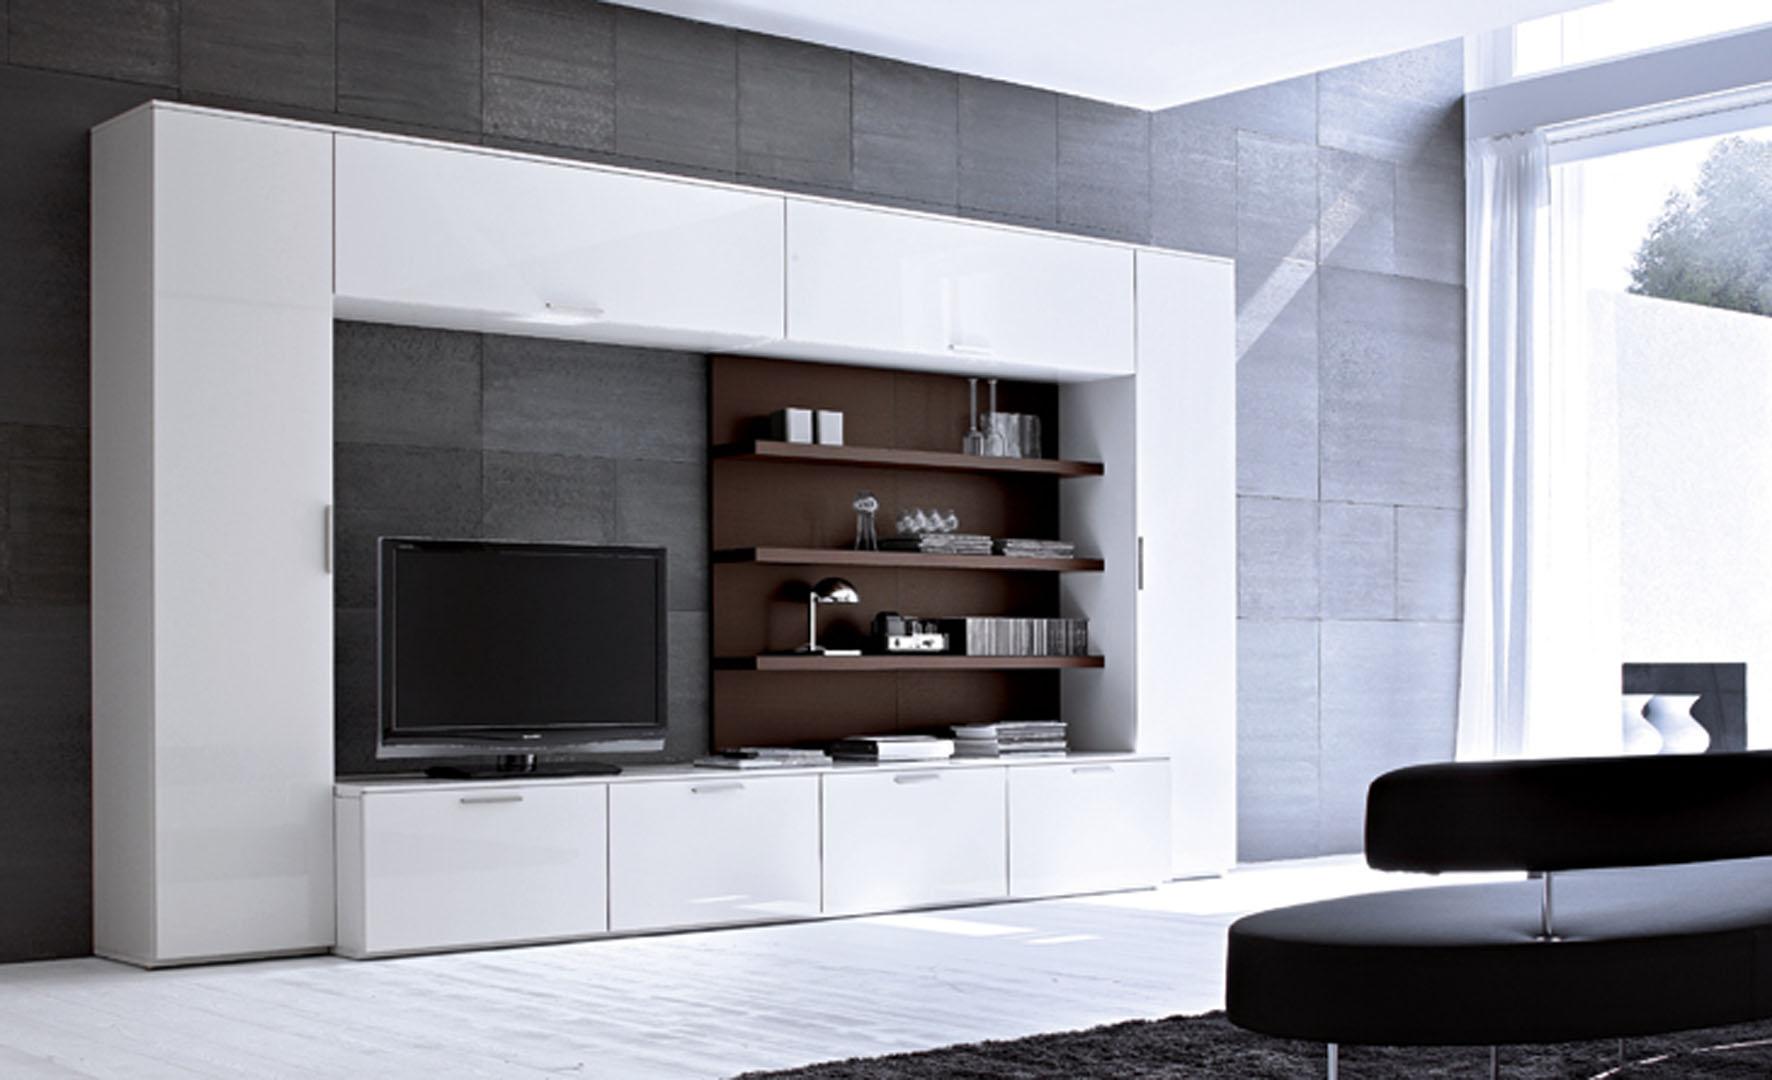 Soggiorni moderni sirigu mobili for Soggiorni immagini